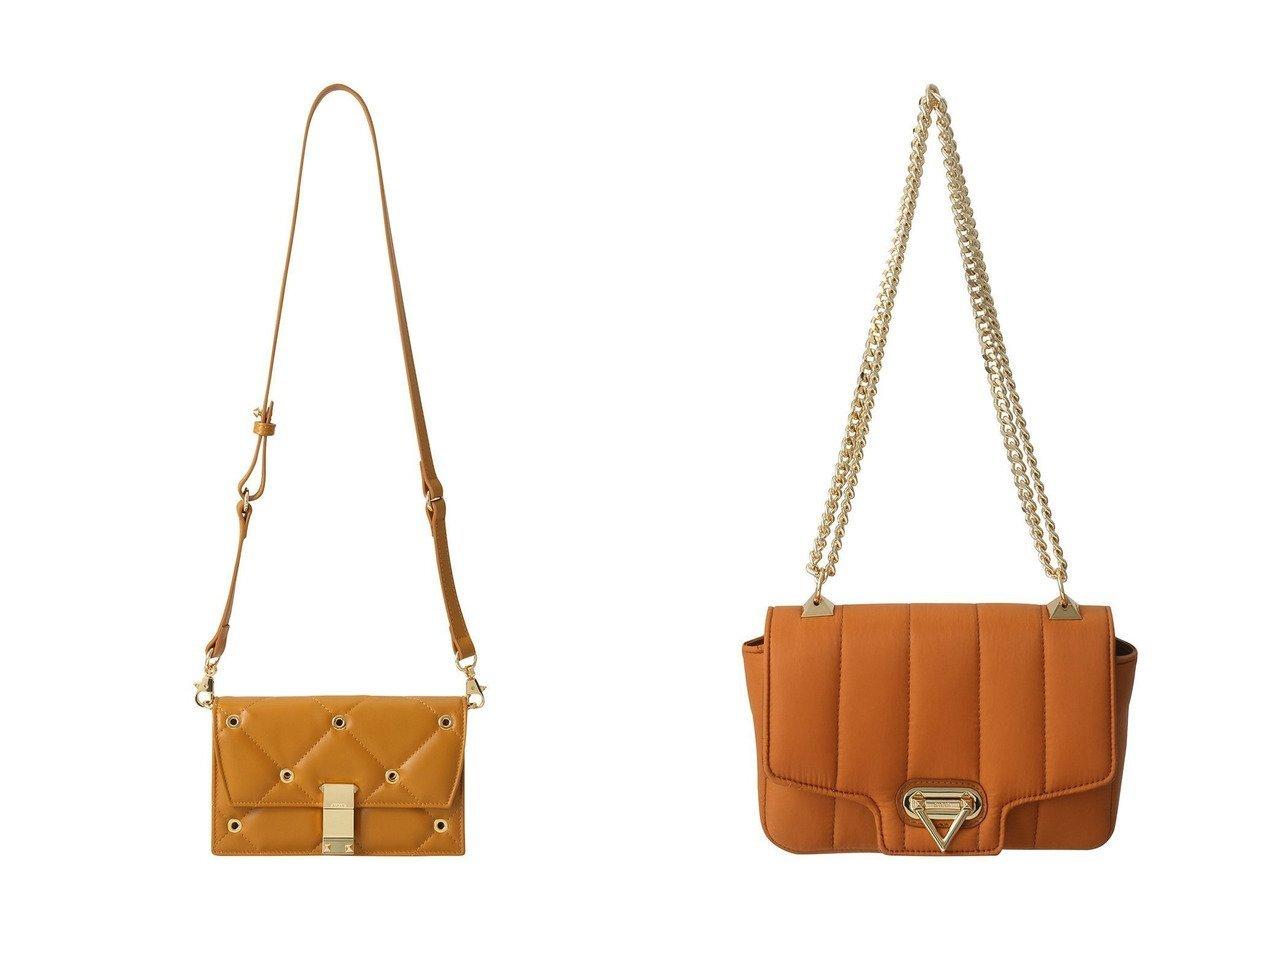 【STUNNING LURE/スタニングルアー】のFW21 NOMY&FW21 KIMG4O 【バッグ・鞄】おすすめ!人気、トレンド・レディースファッションの通販 おすすめで人気の流行・トレンド、ファッションの通販商品 インテリア・家具・メンズファッション・キッズファッション・レディースファッション・服の通販 founy(ファニー) https://founy.com/ ファッション Fashion レディースファッション WOMEN A/W・秋冬 AW・Autumn/Winter・FW・Fall-Winter キルティング ショルダー パーティ  ID:crp329100000071426